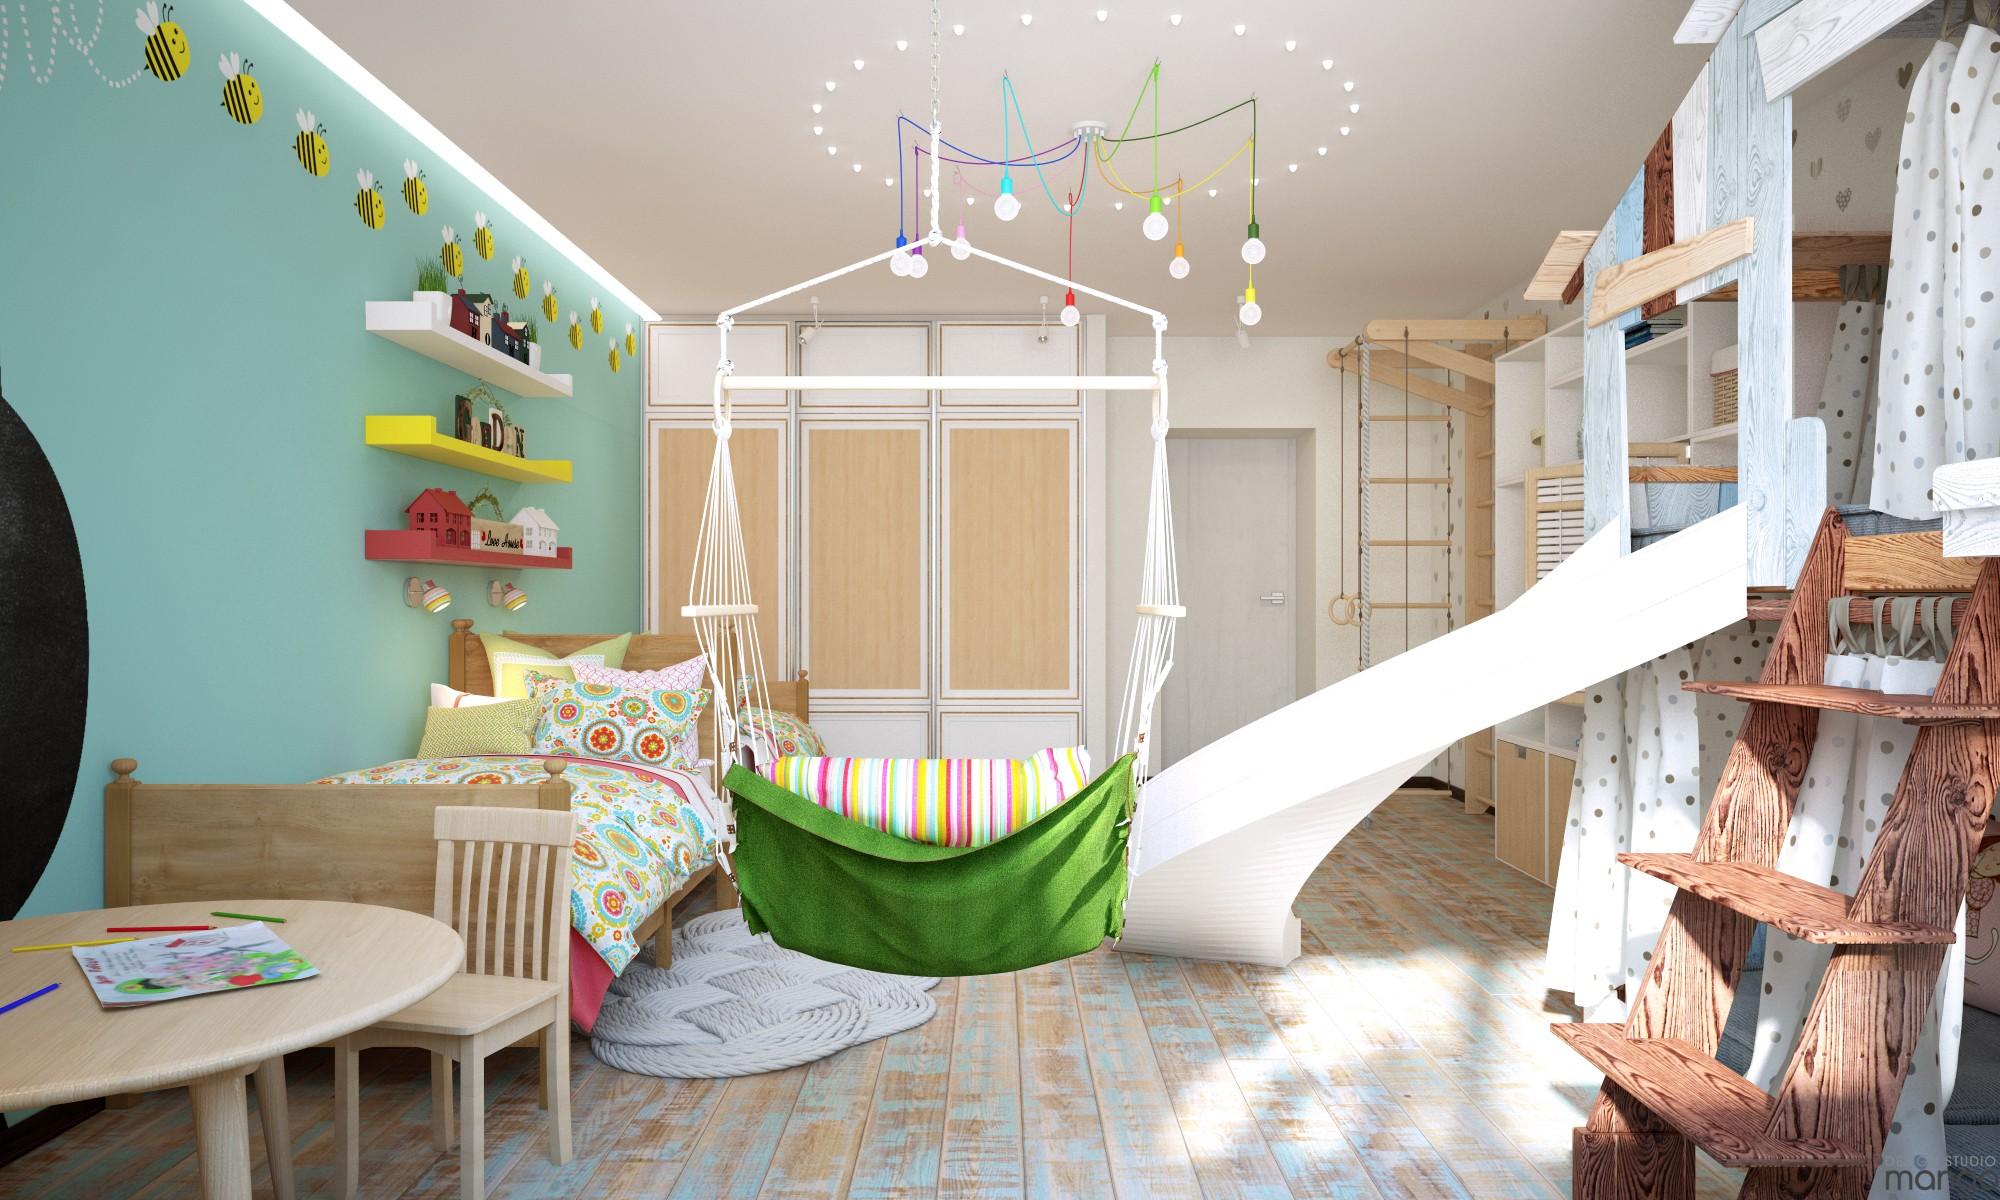 adorable kids room decor